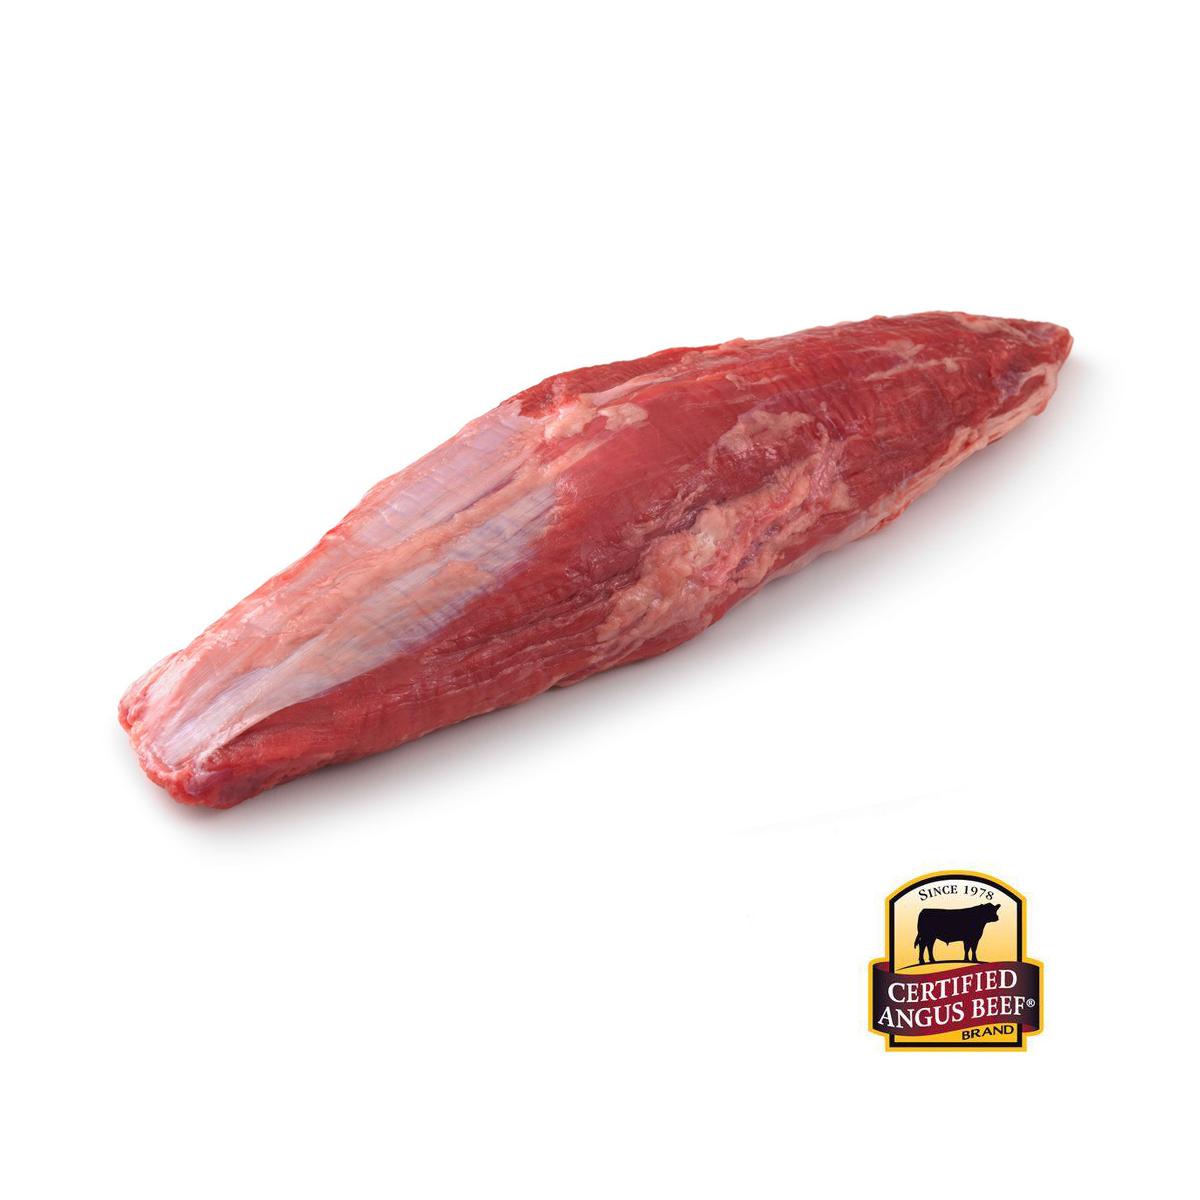 Petite Tender Certified Angus Beef®